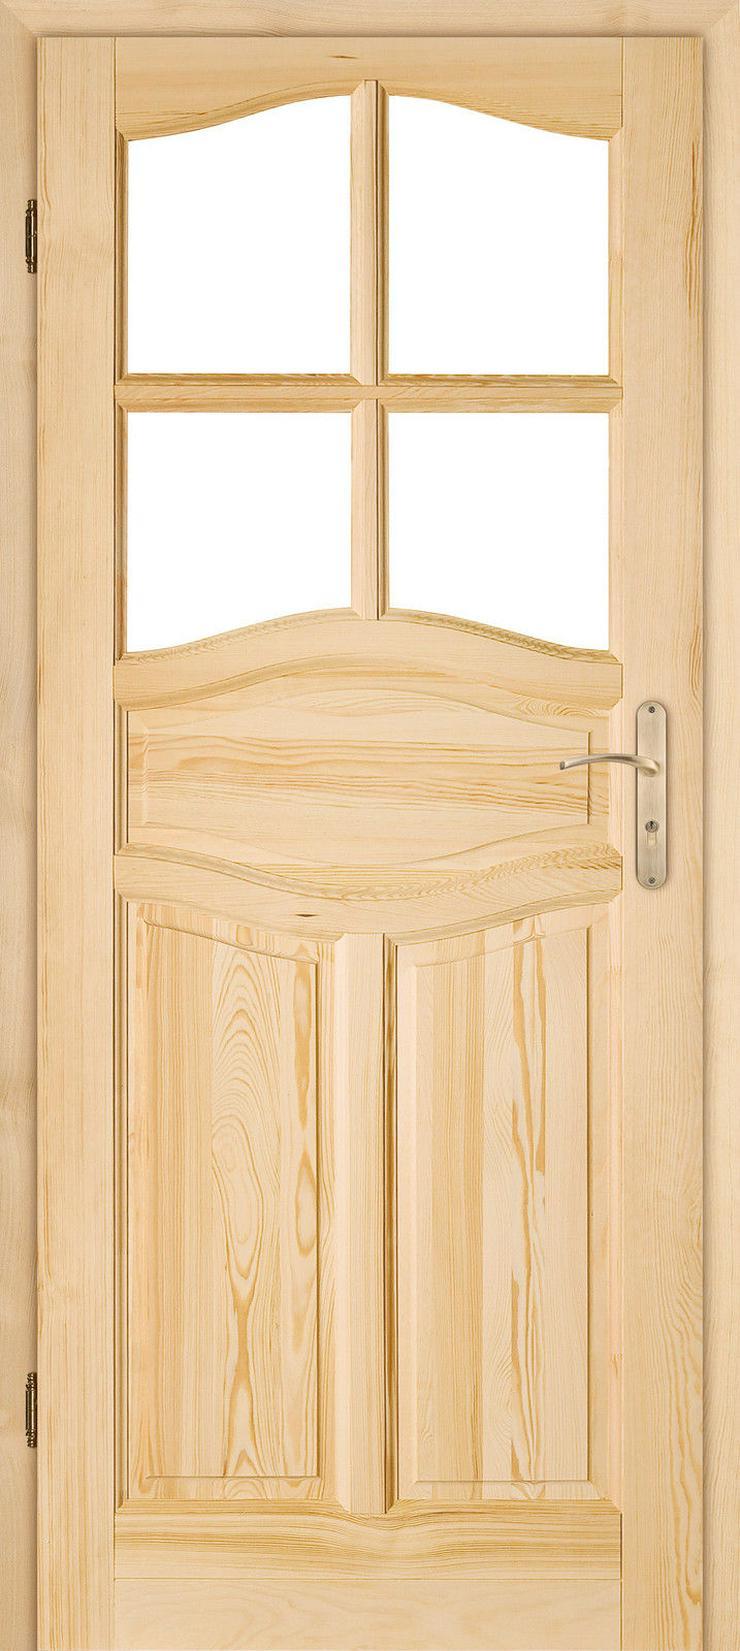 Bild 5: Holztür Delfino Schiebetür Zimmertür Innentür Kiefer Durchgangstür 60/70/80/90